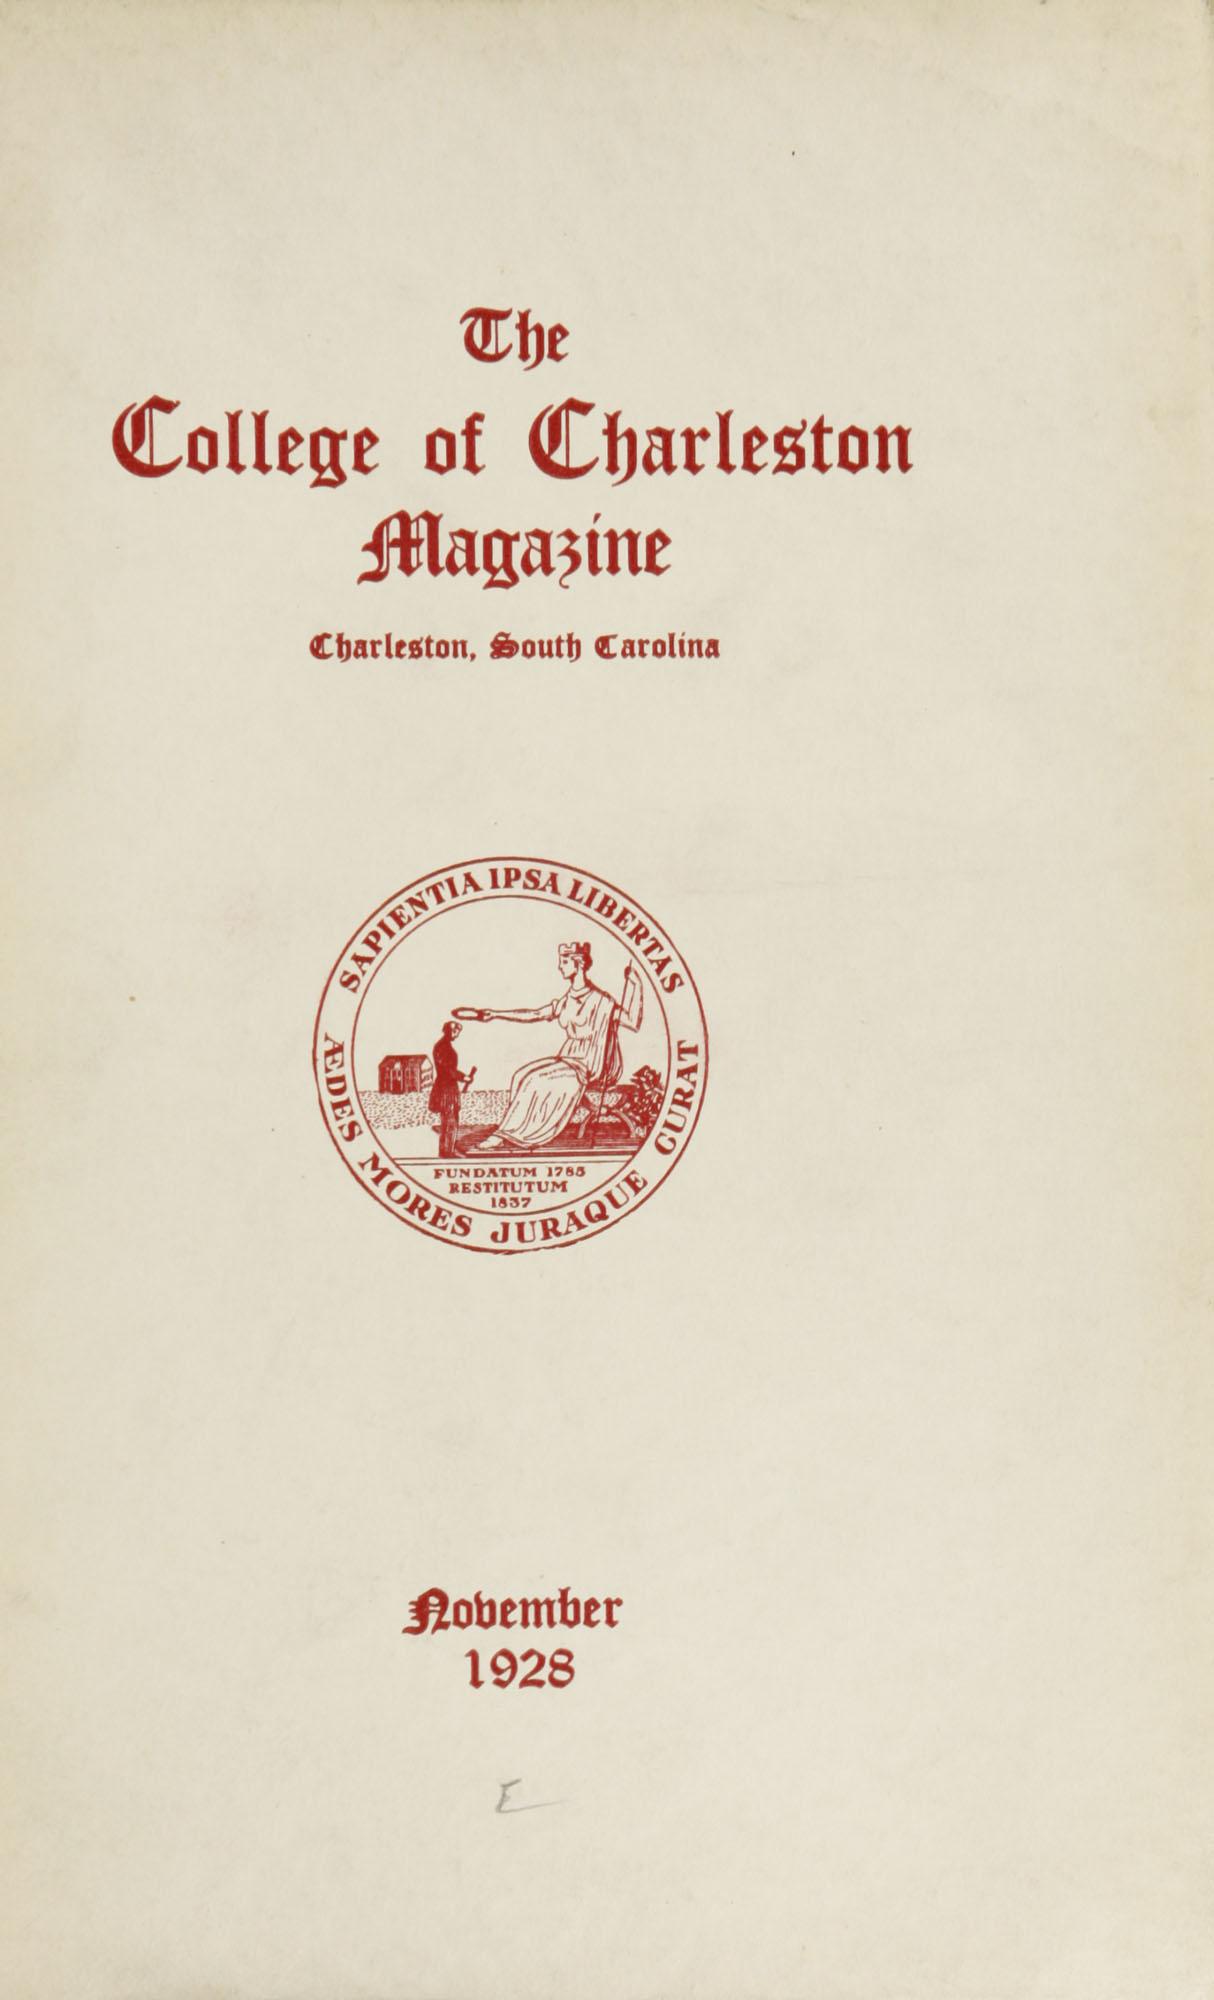 College of Charleston Magazine, 1927-1928